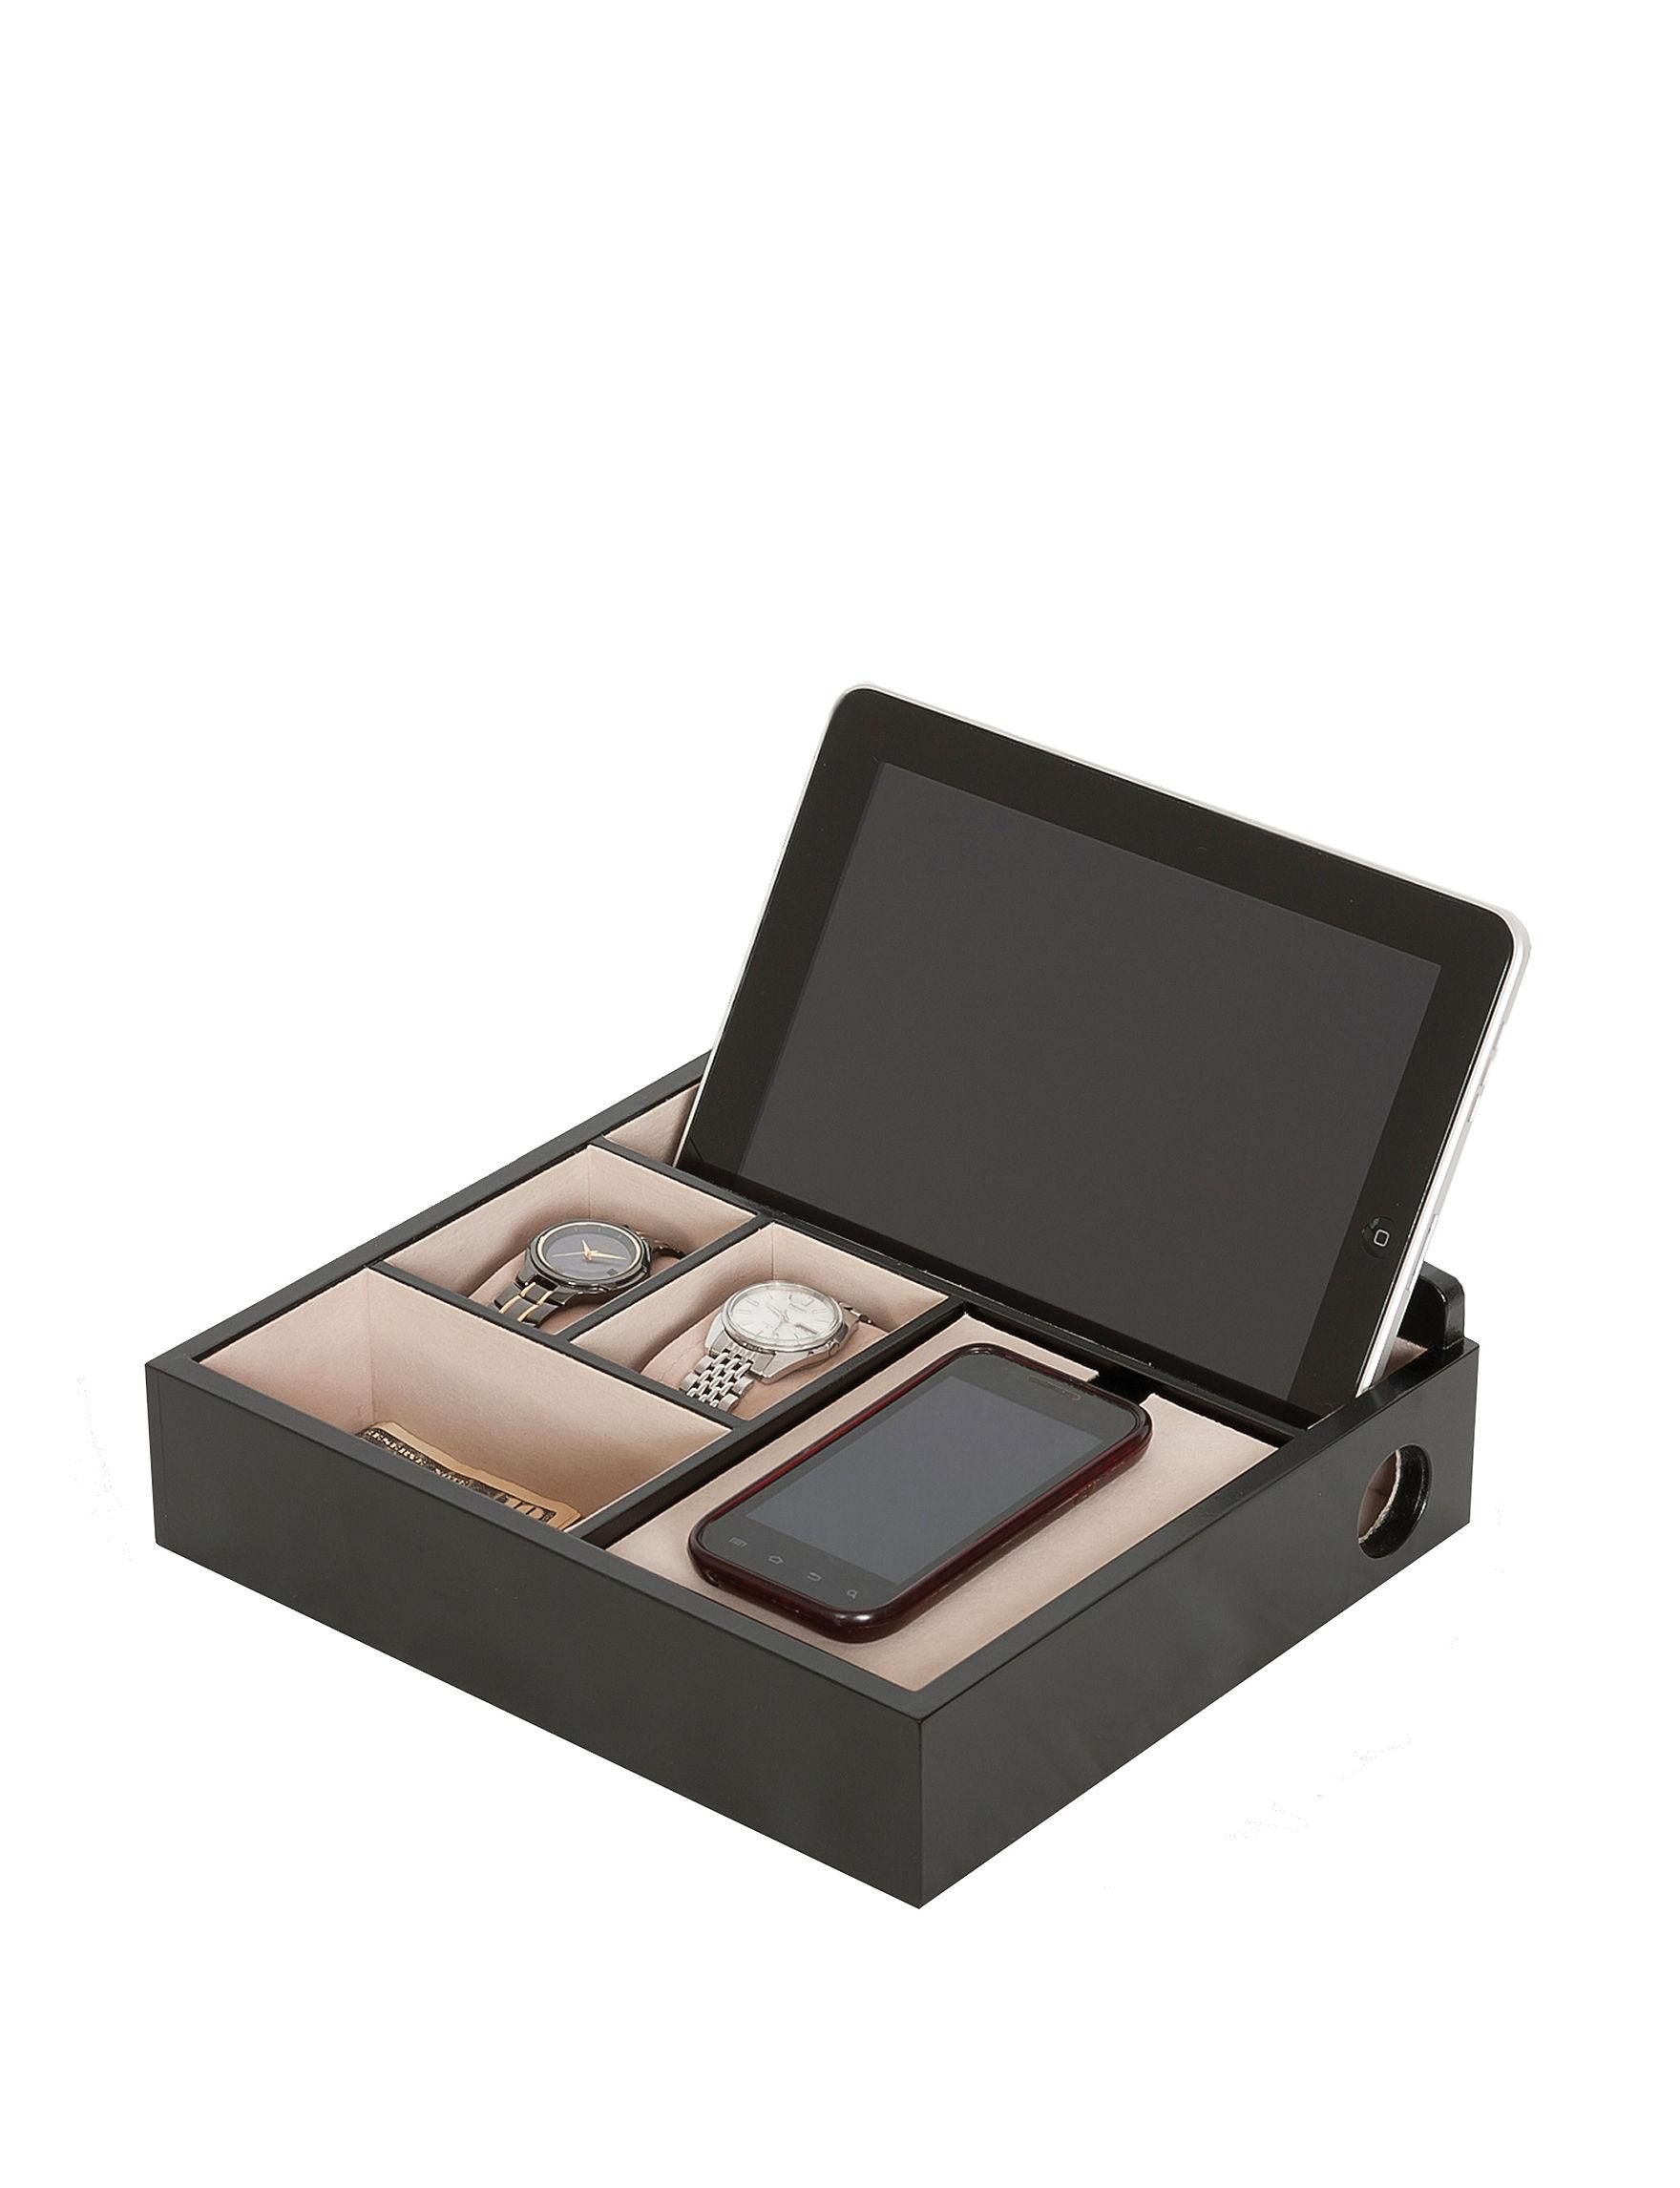 Mele & Co. Brown Jewelry Storage & Organization